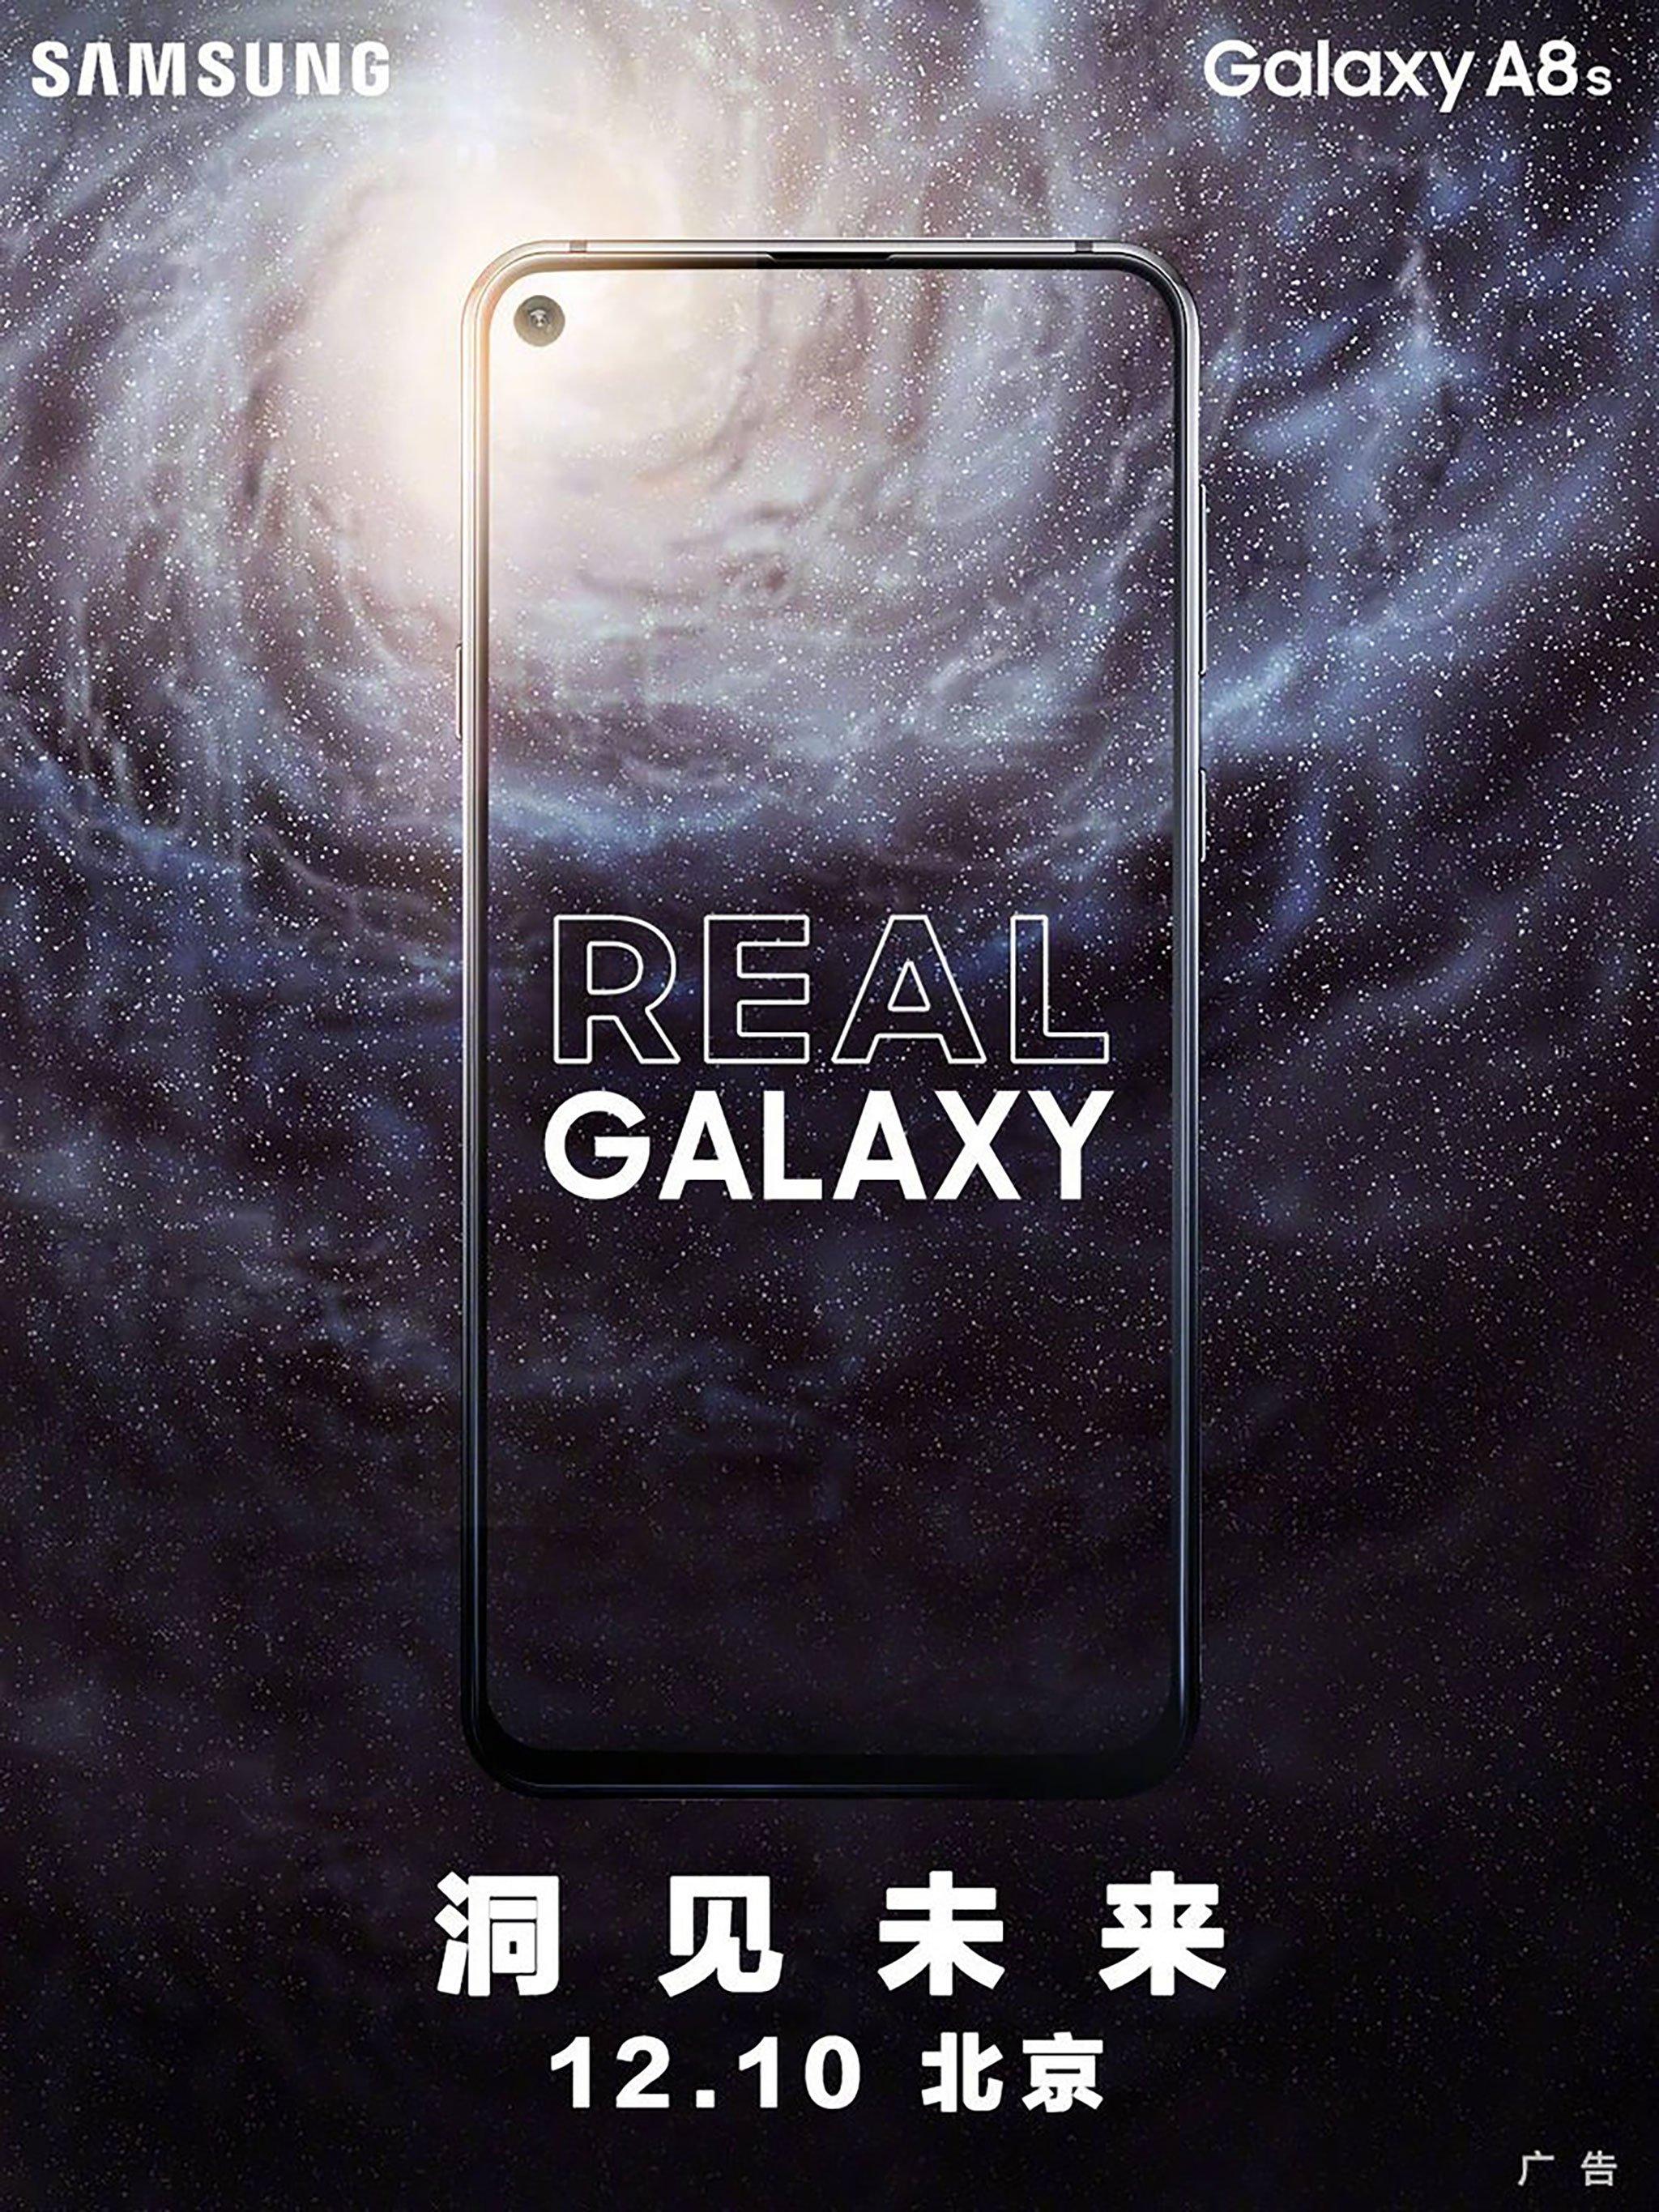 Galaxy A8s ra mắt 10/12: Smartphone đầu tiên có camera dưới màn hình hình 2